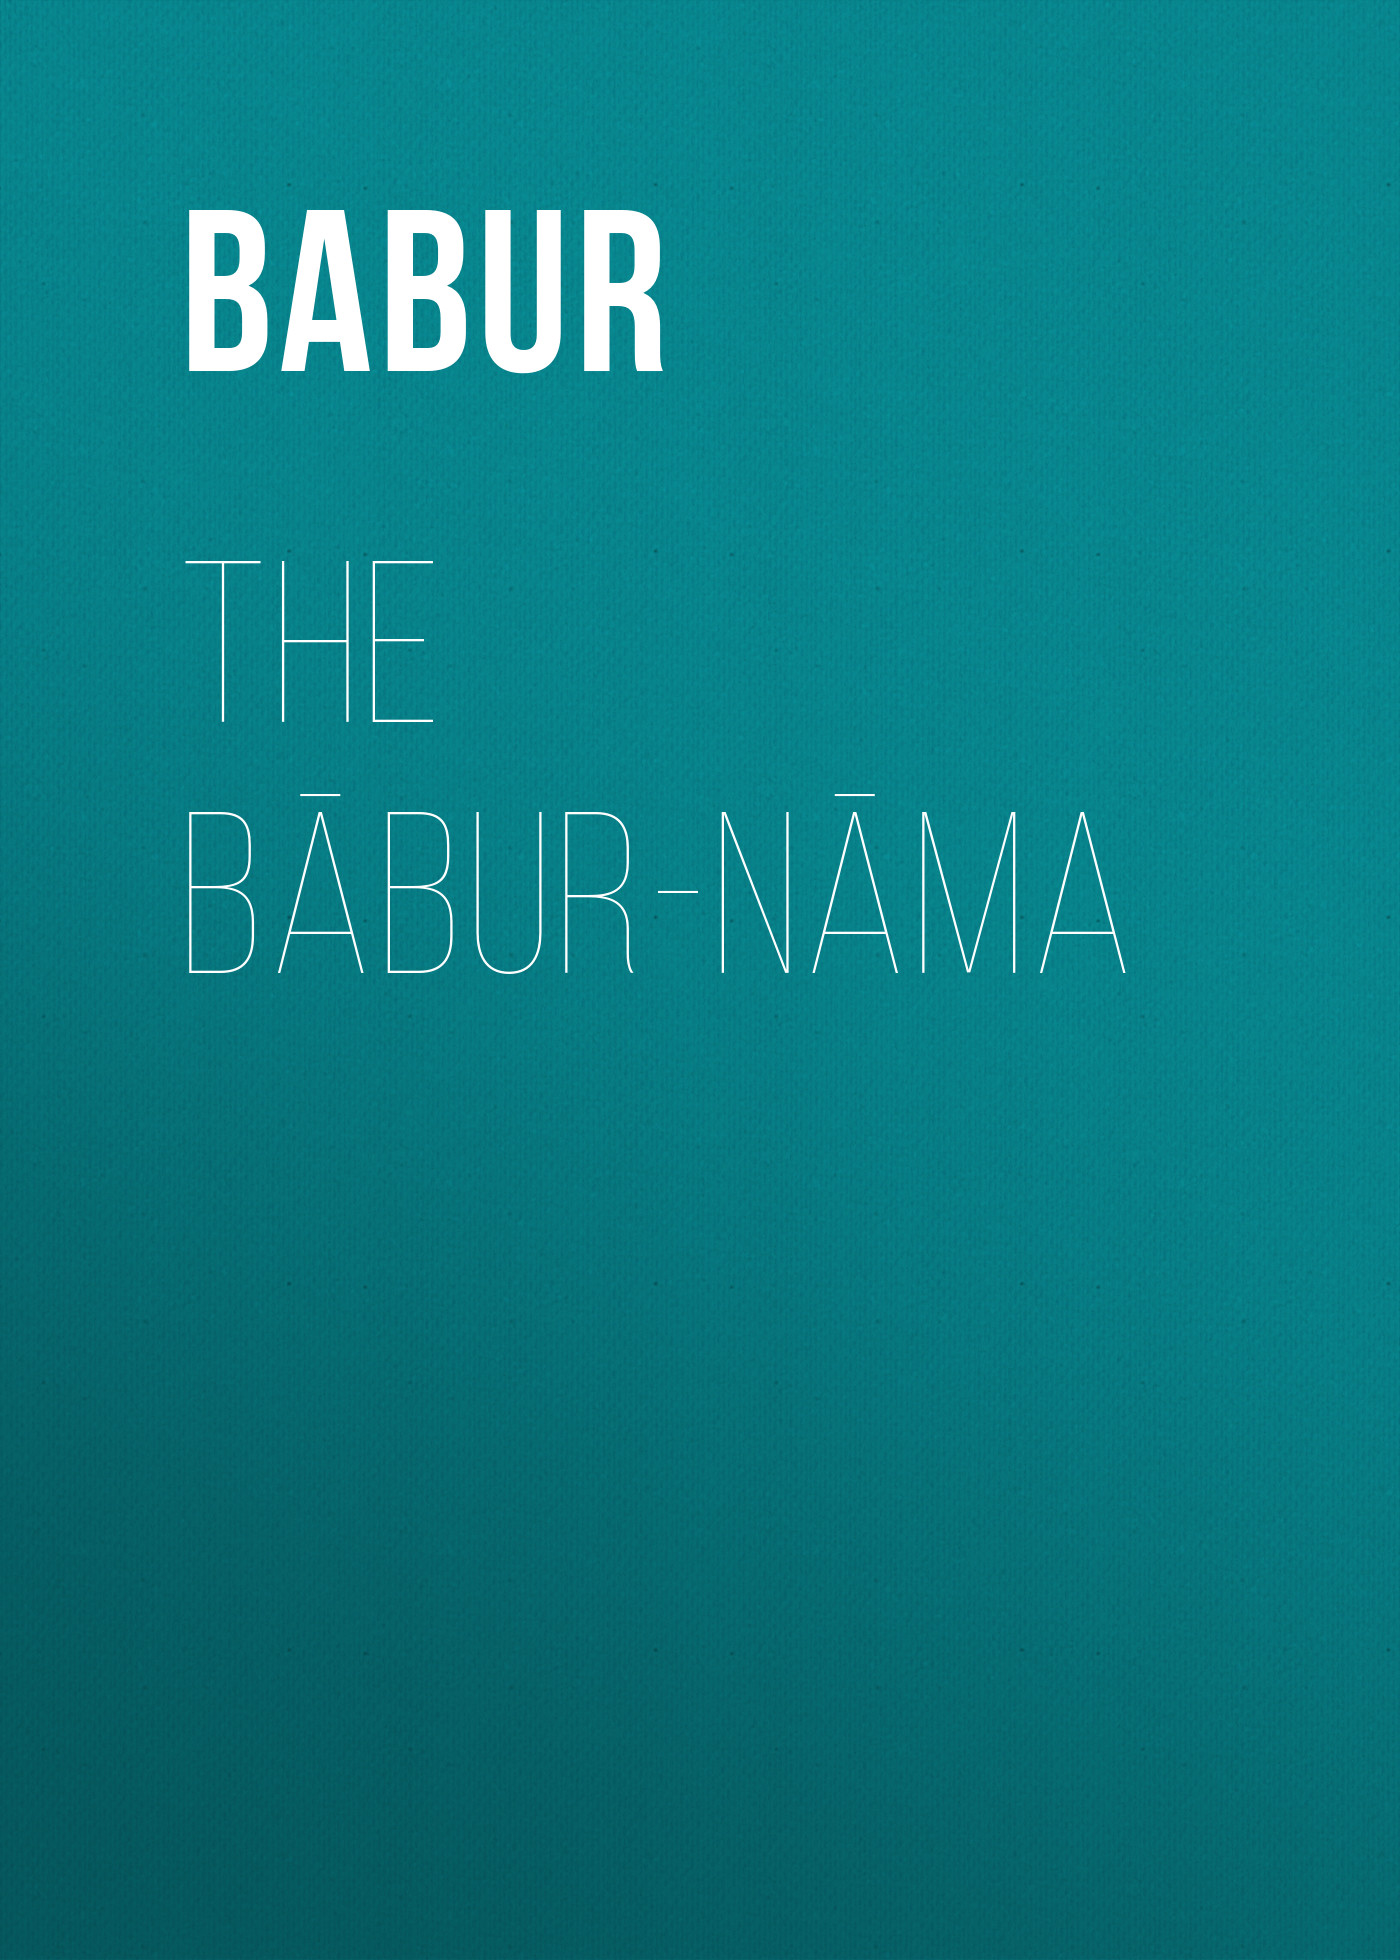 The Bābur-nāma